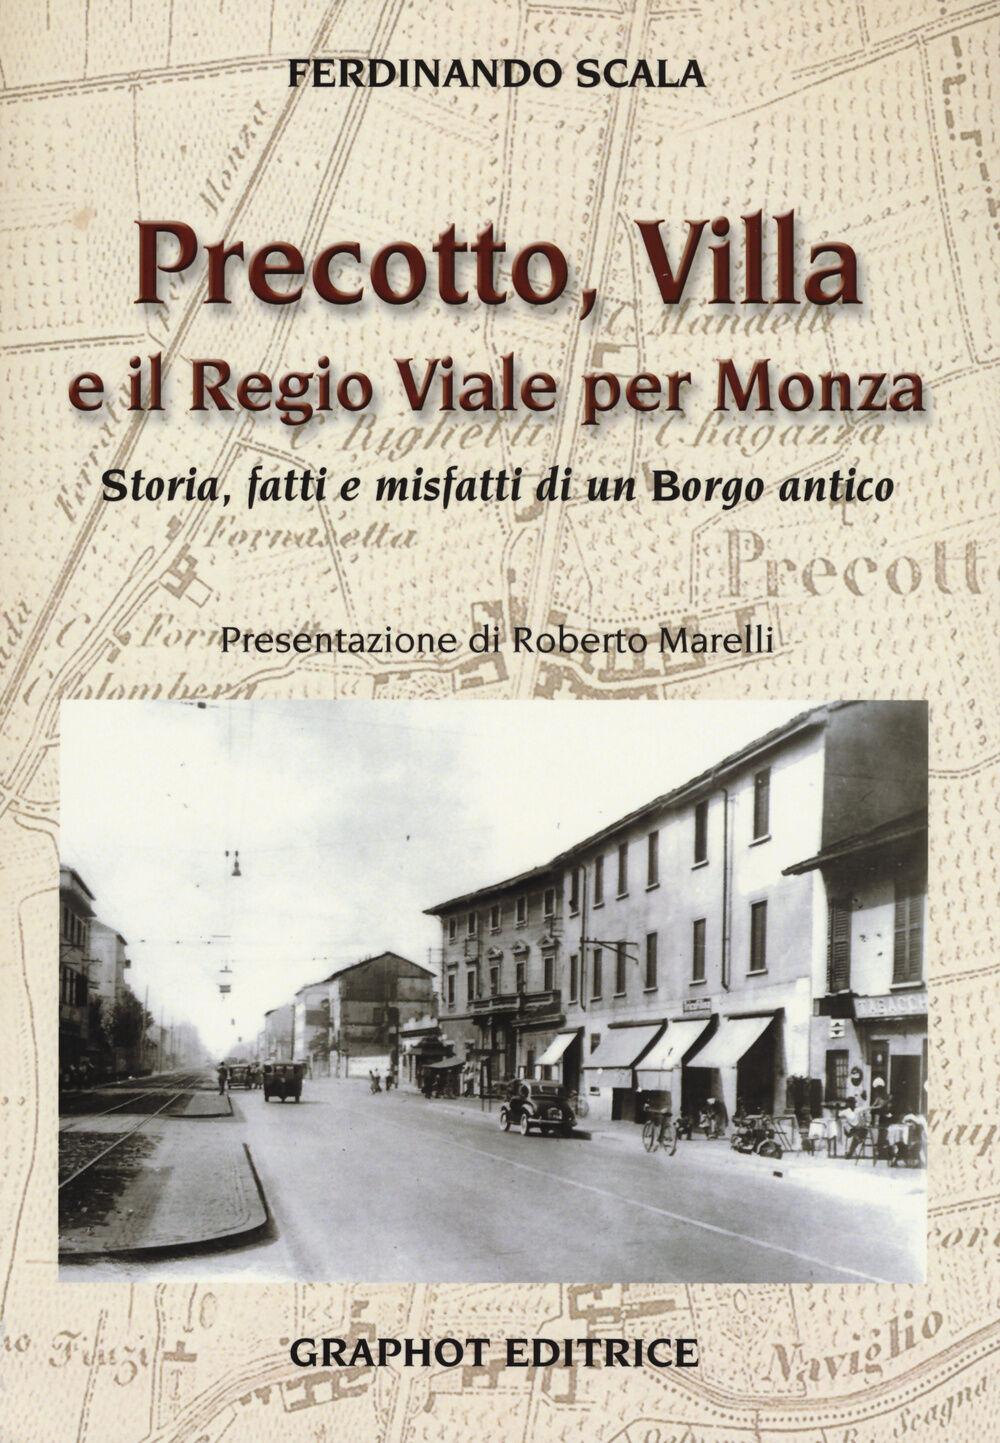 Precotto, Villa e il regio viale per Monza. Storia, fatti e misfatti di un borgo antico